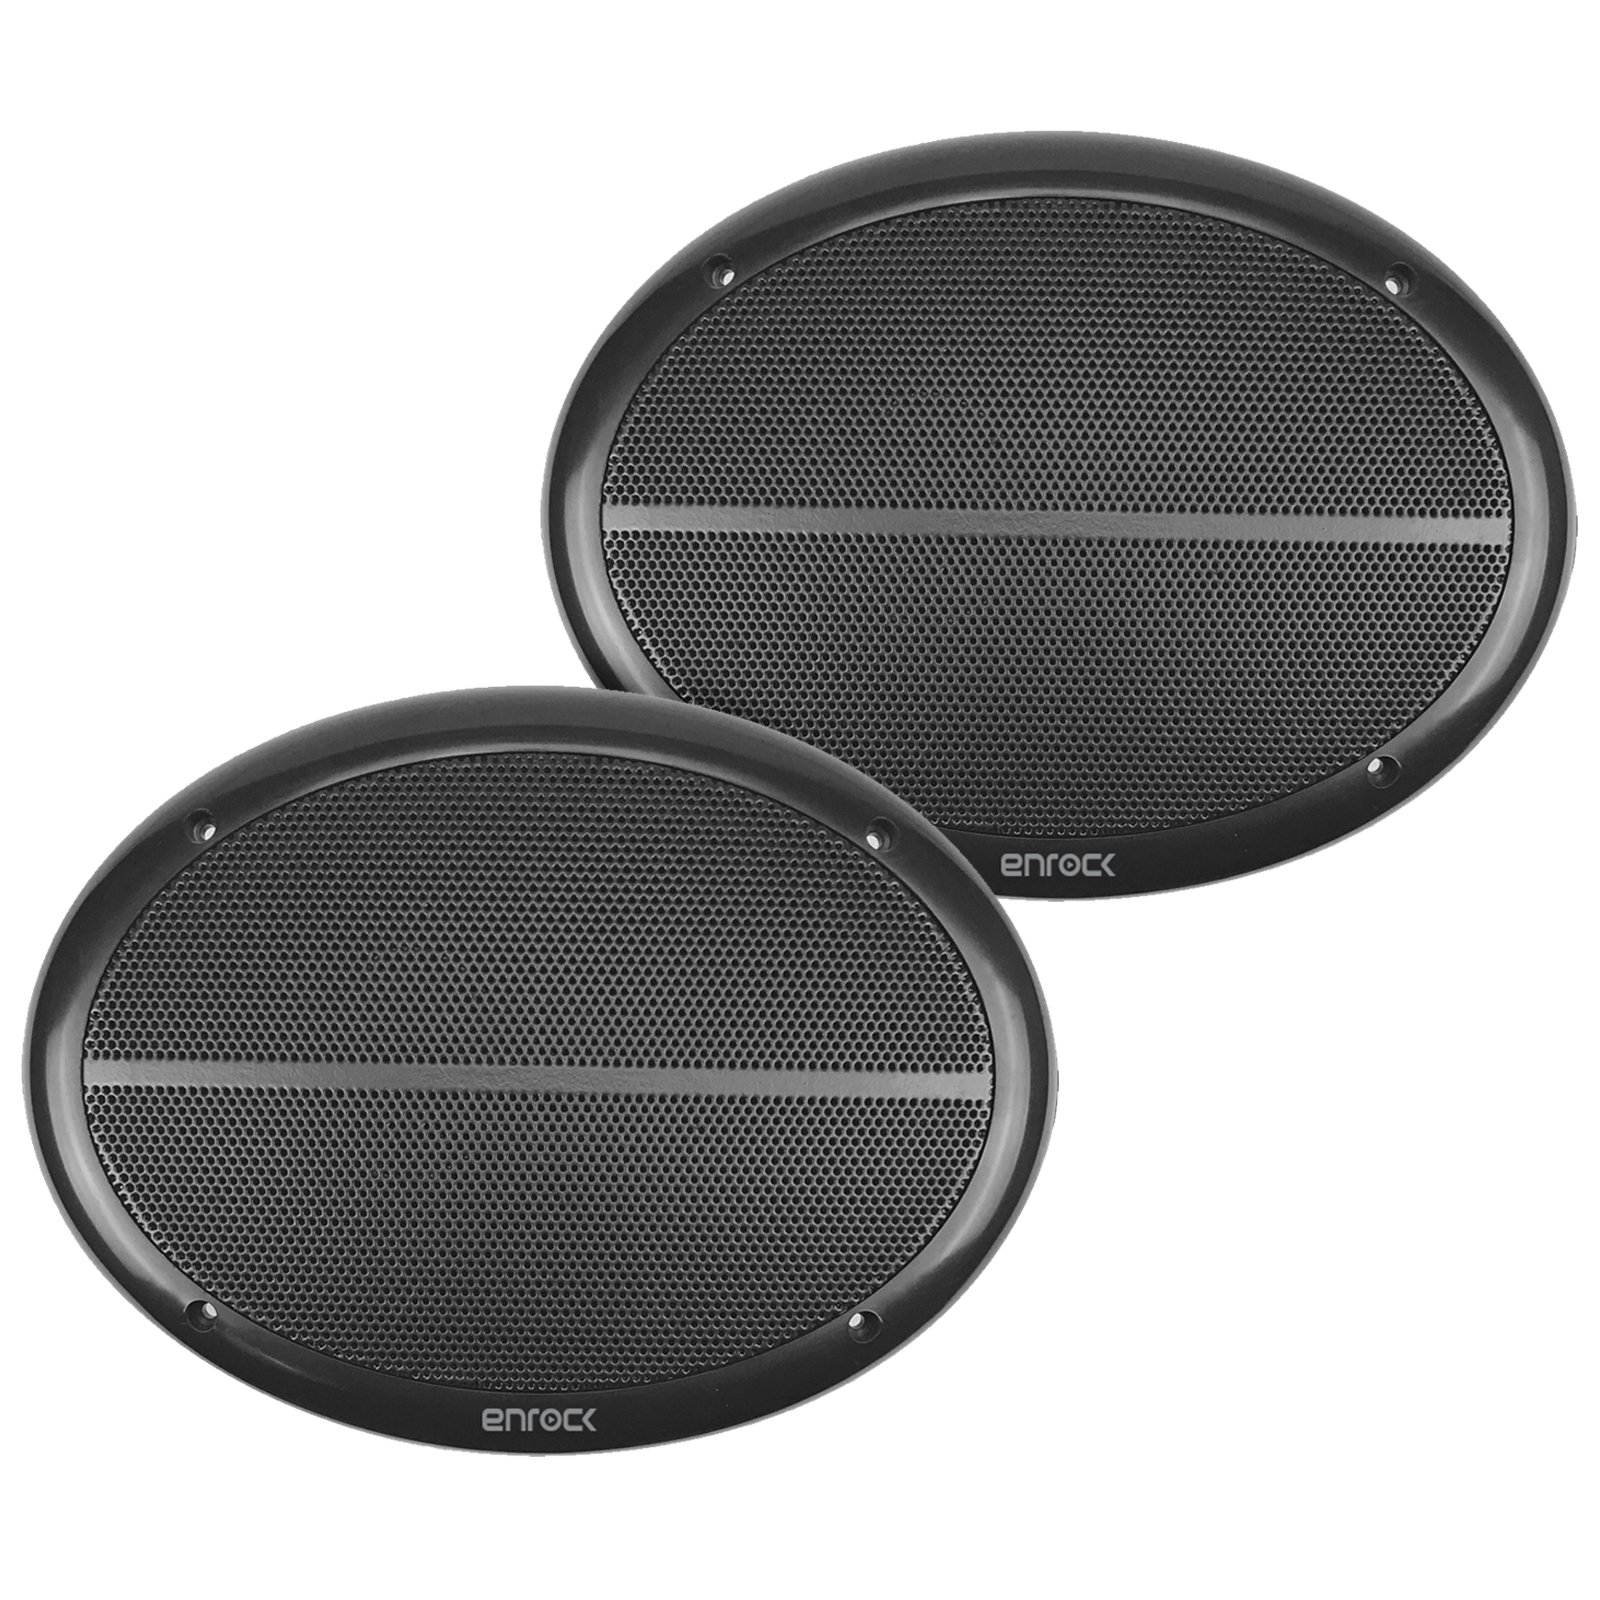 Enrock Marine EM692B Black Dual 6X9 Inch Weather Resistant Full Range Speakers 250 Watts Peak (Pair) by EnrockMarine (Image #2)